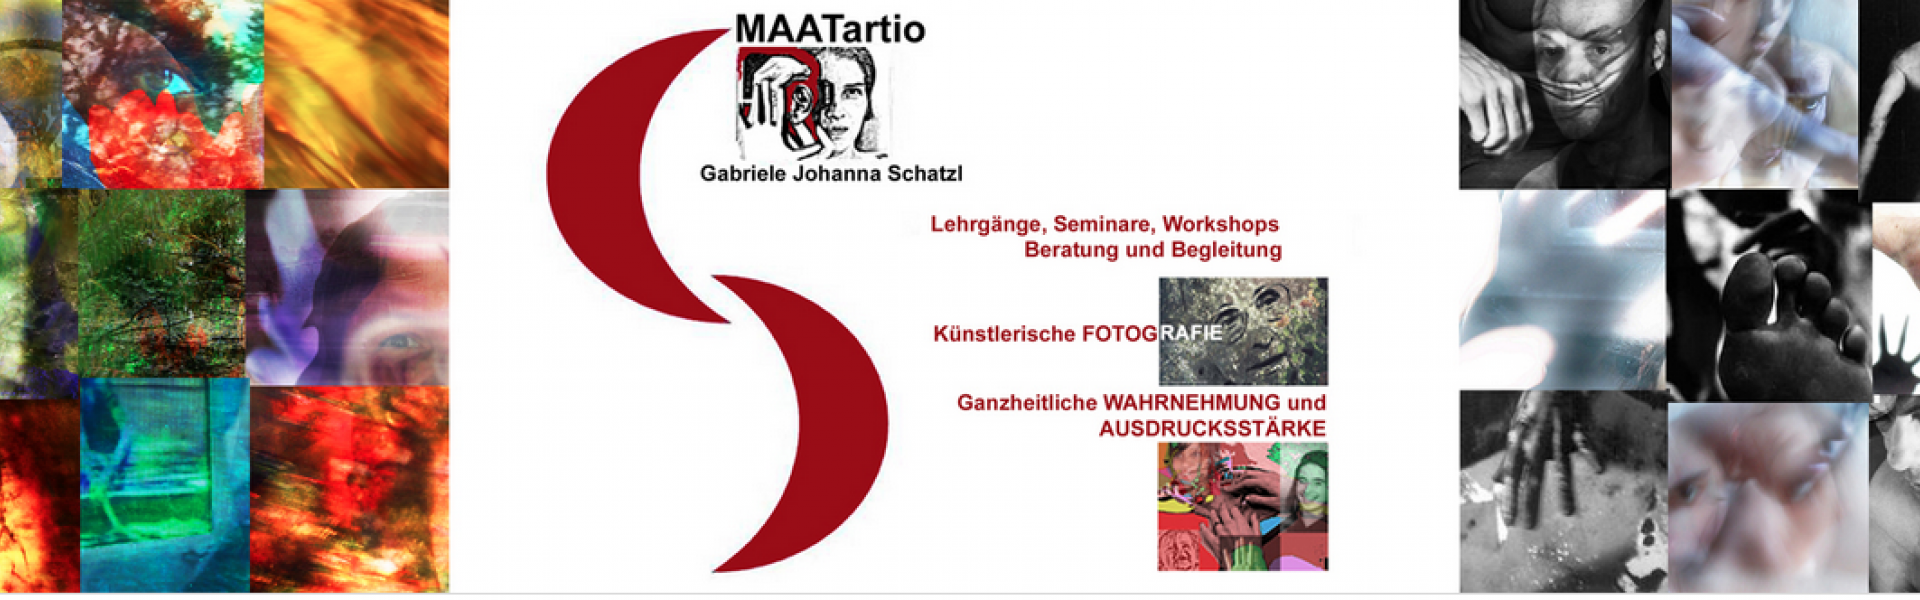 MAATartio - Künstlerische Fotografie cover